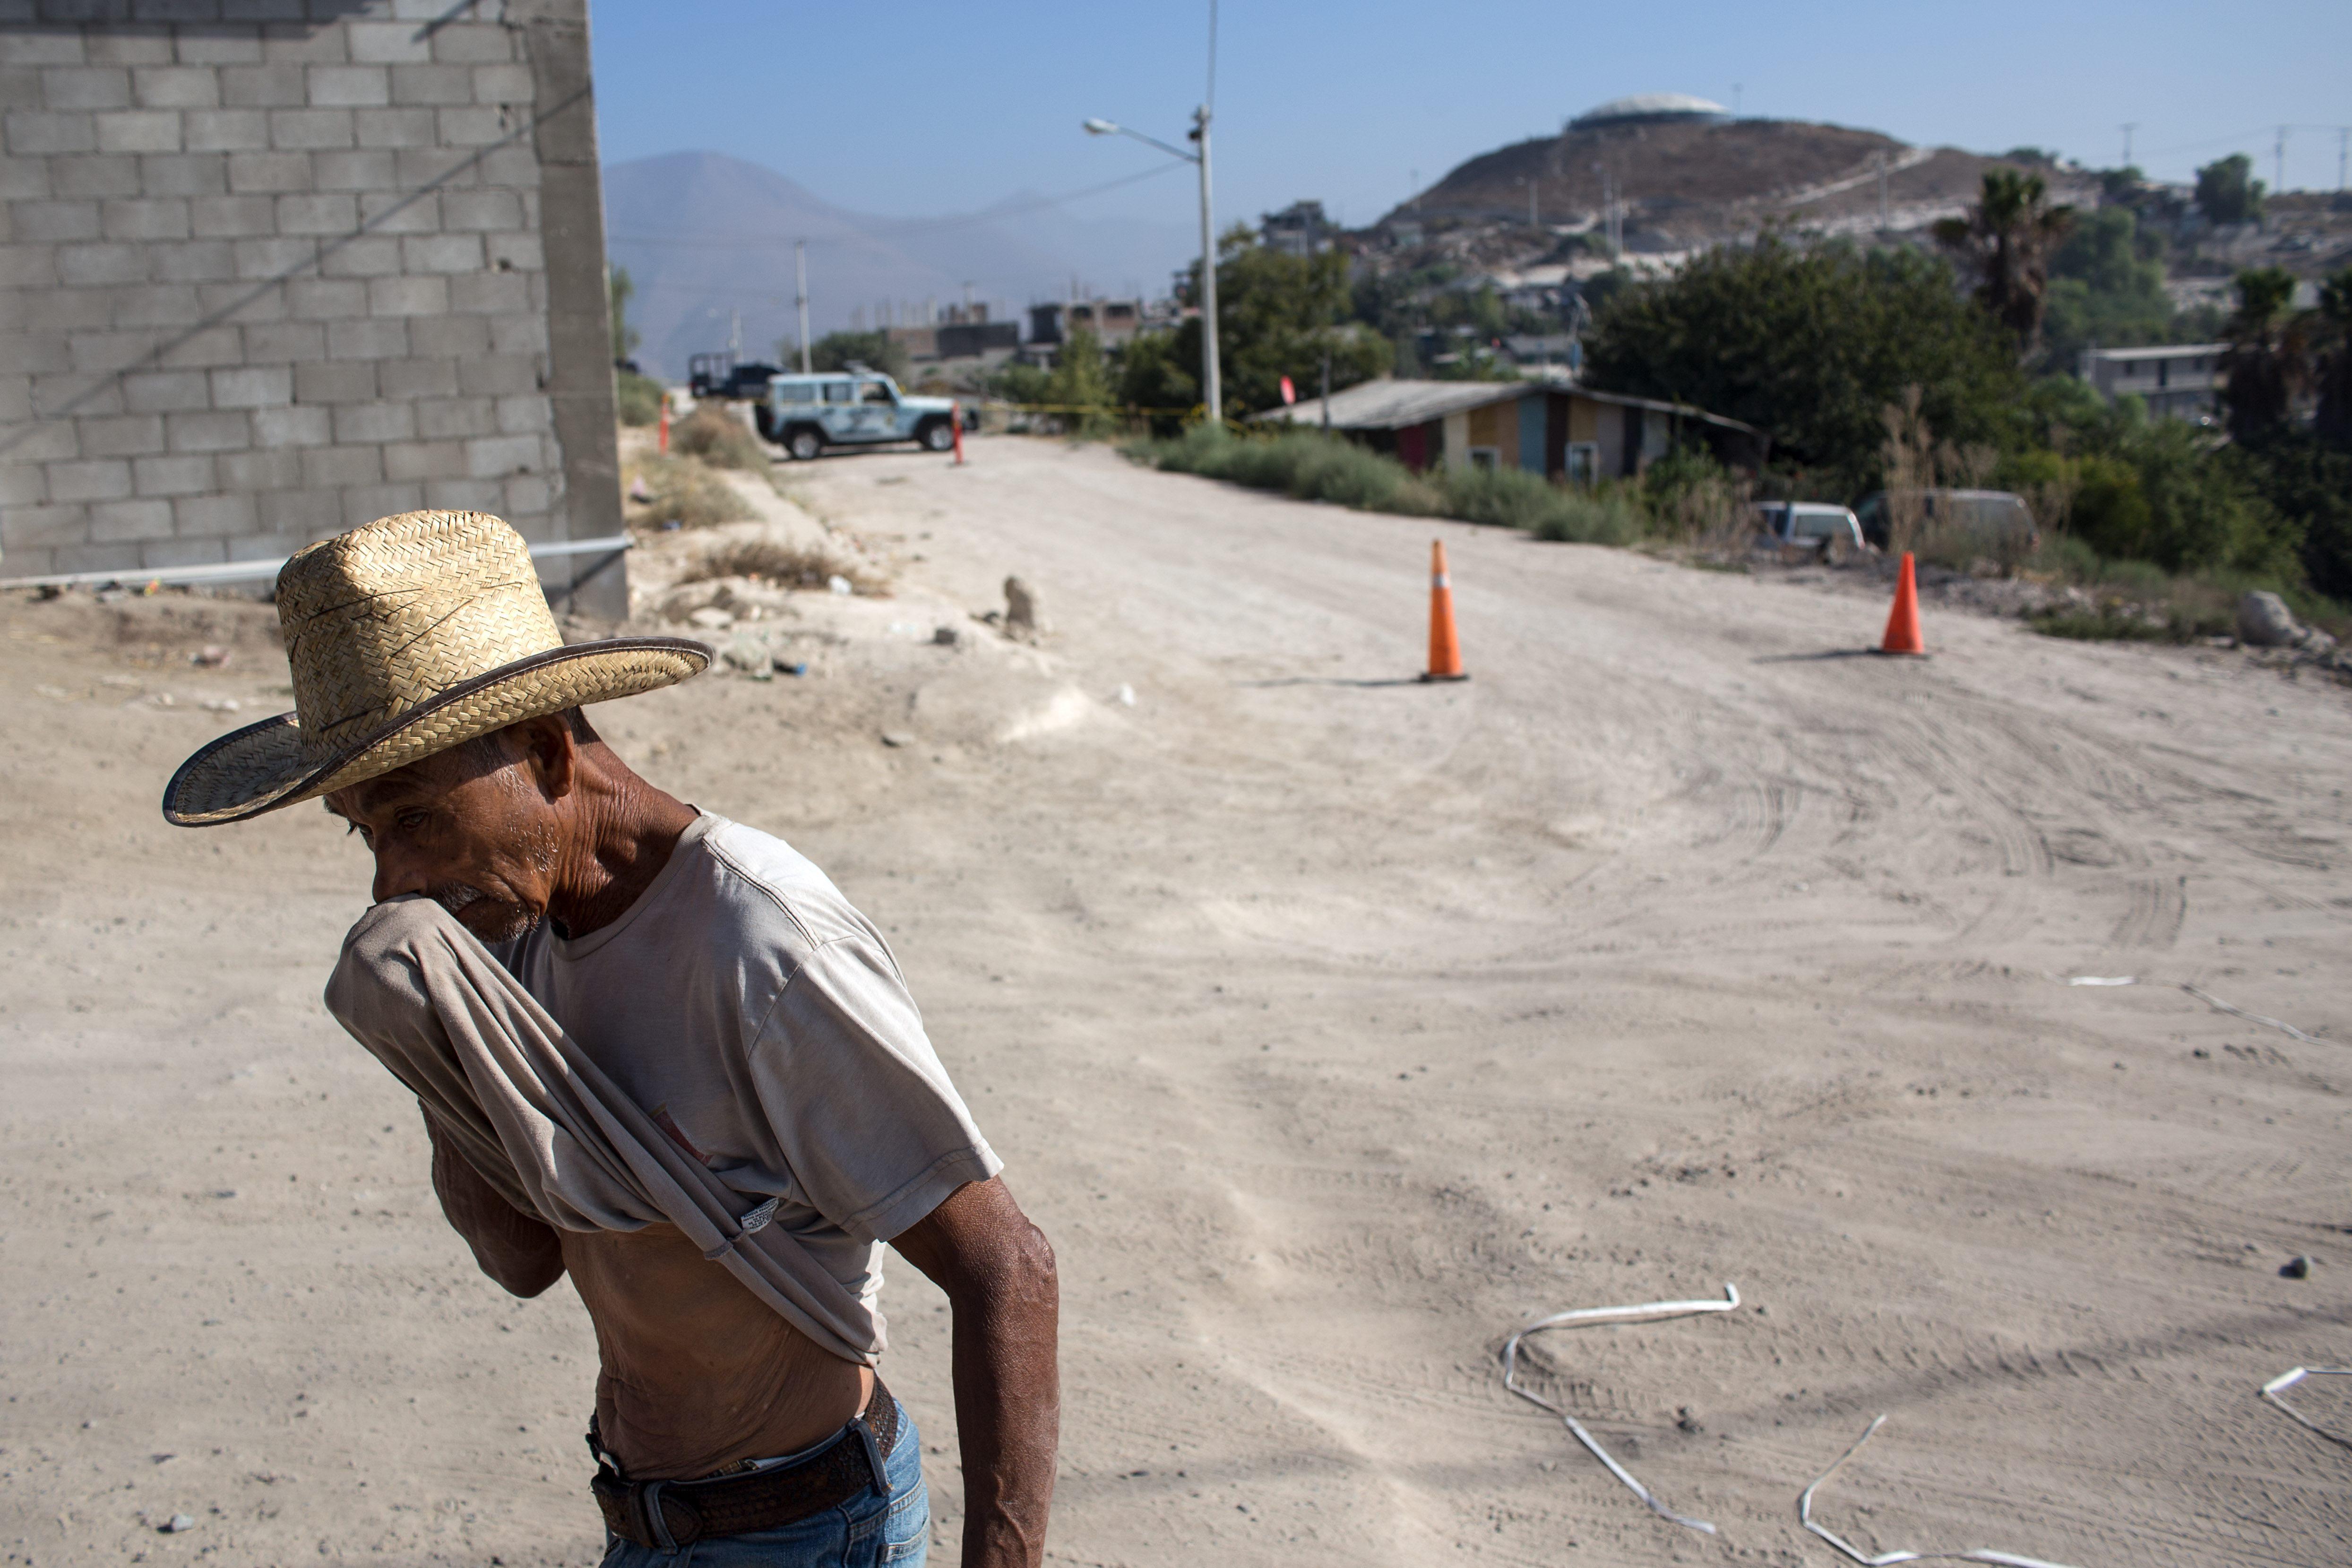 Autópályafelüljárókra akasztott emberek fogadták a turistákat Mexikó nyugati partvidékén